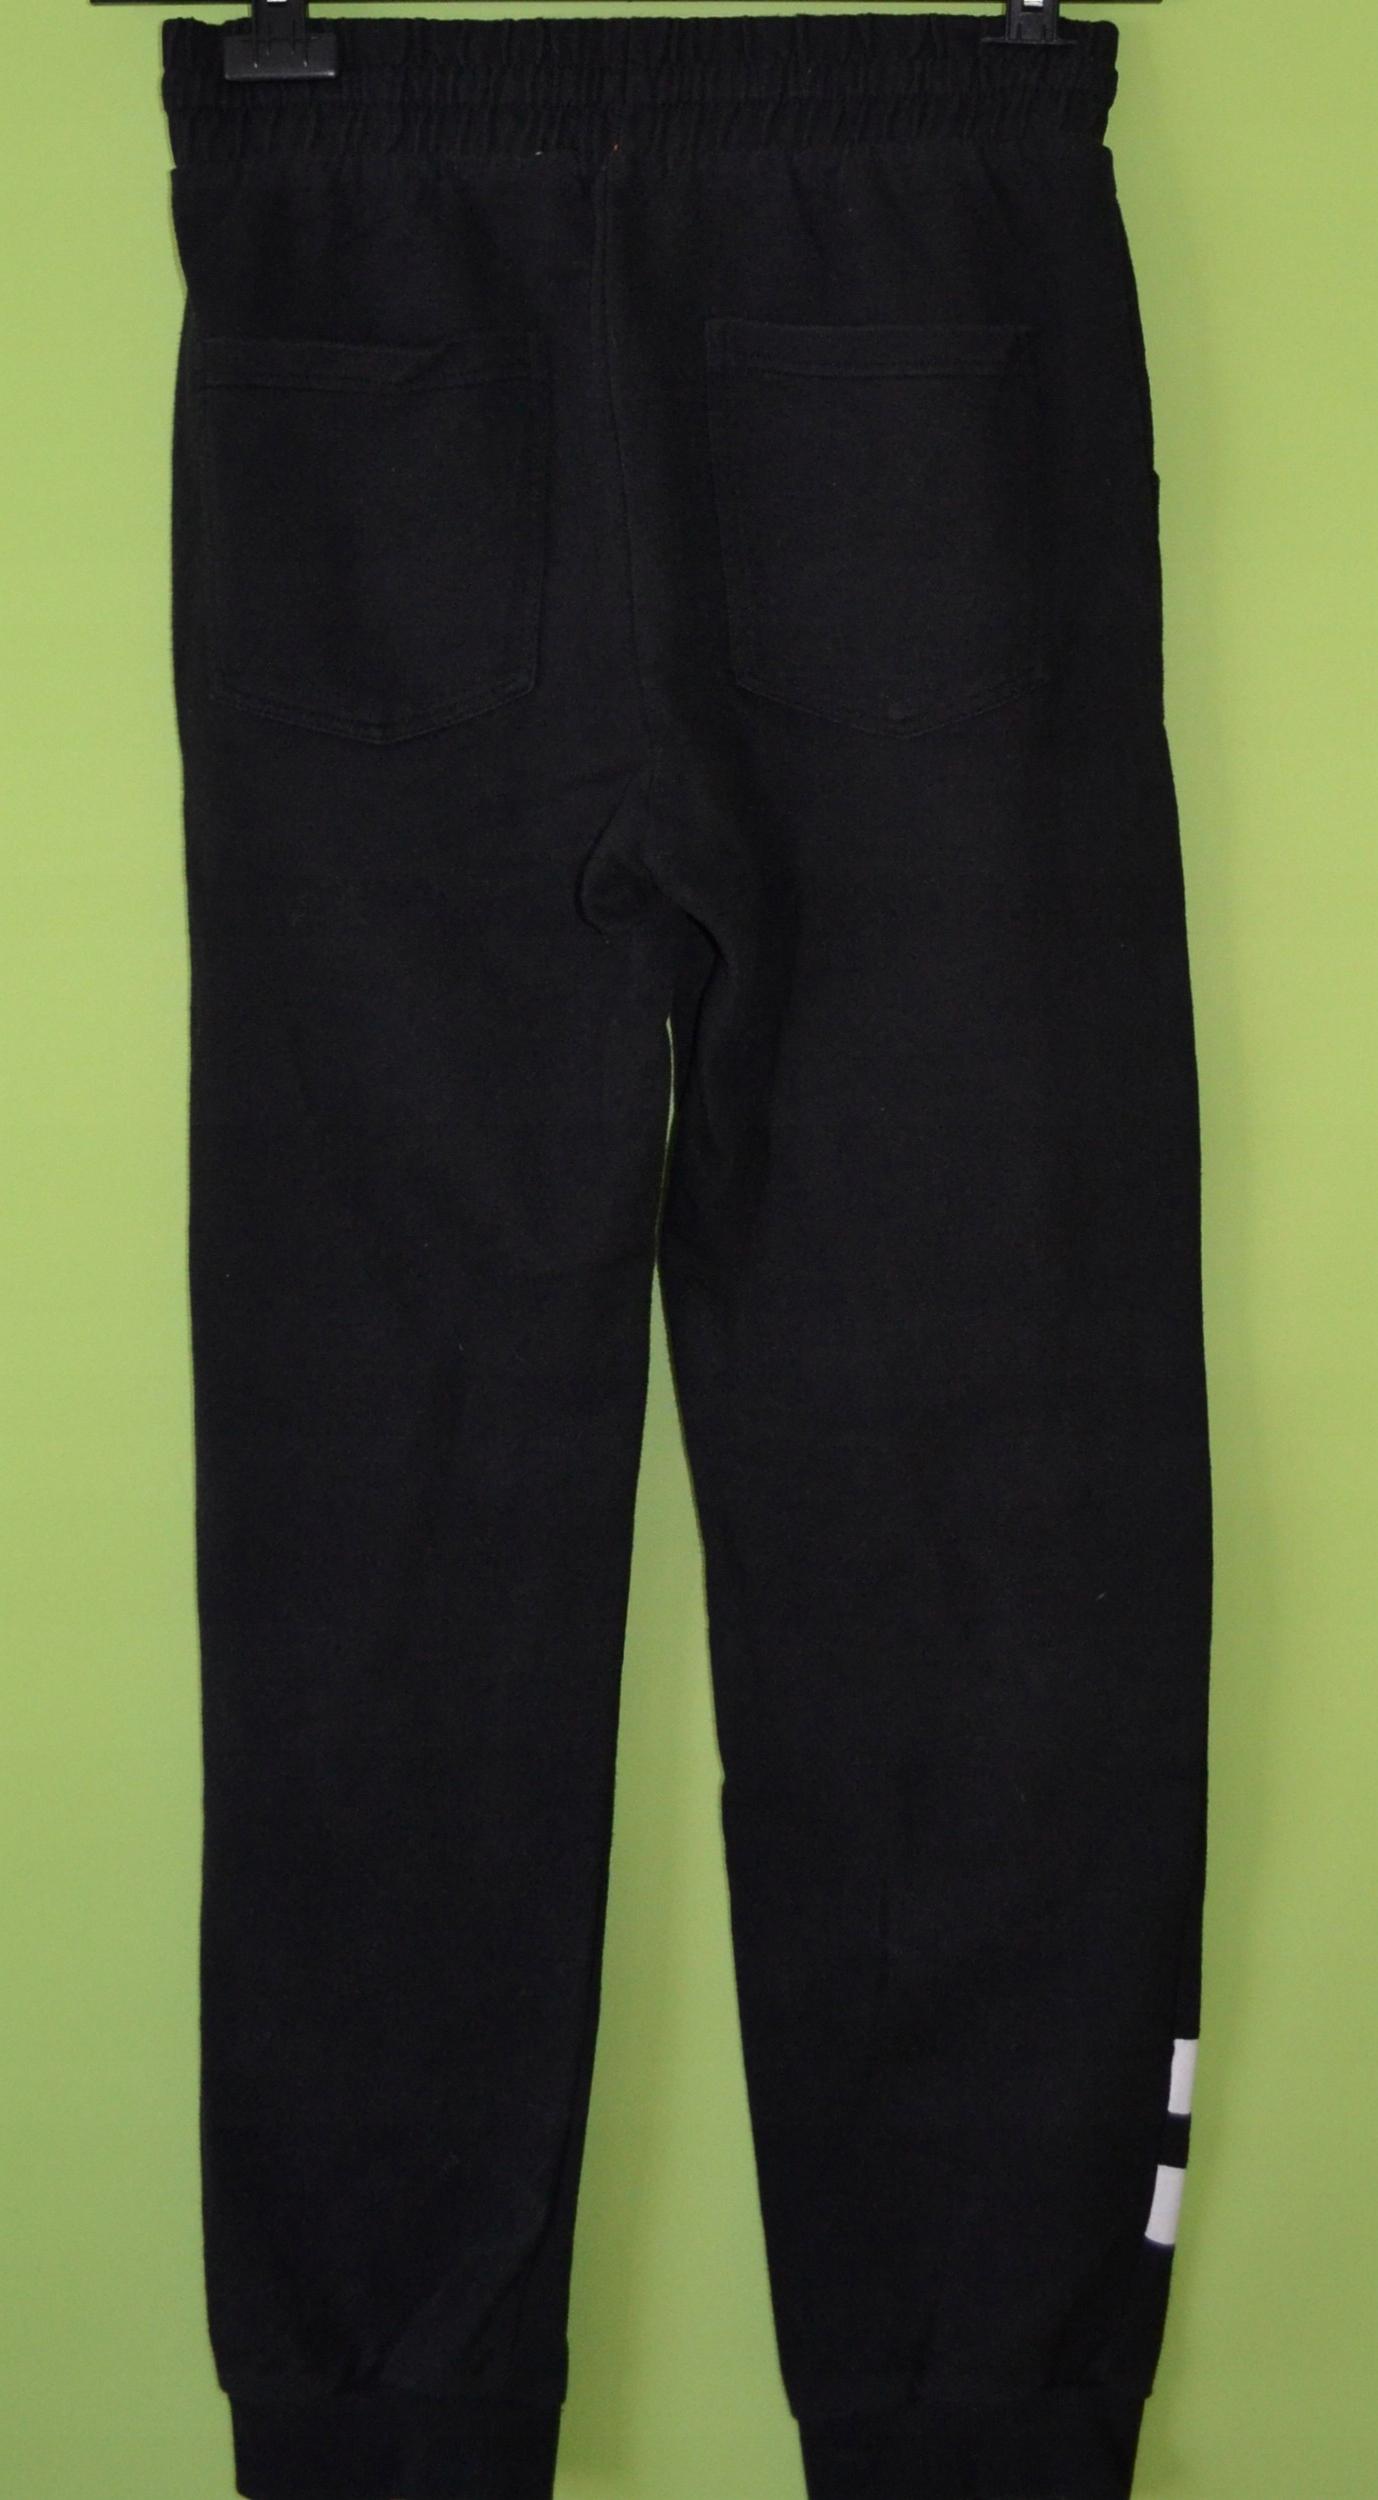 2824afdd0 Spodnie dresowe czarne PEPCO 13-14L 164 - 7584312560 - oficjalne ...